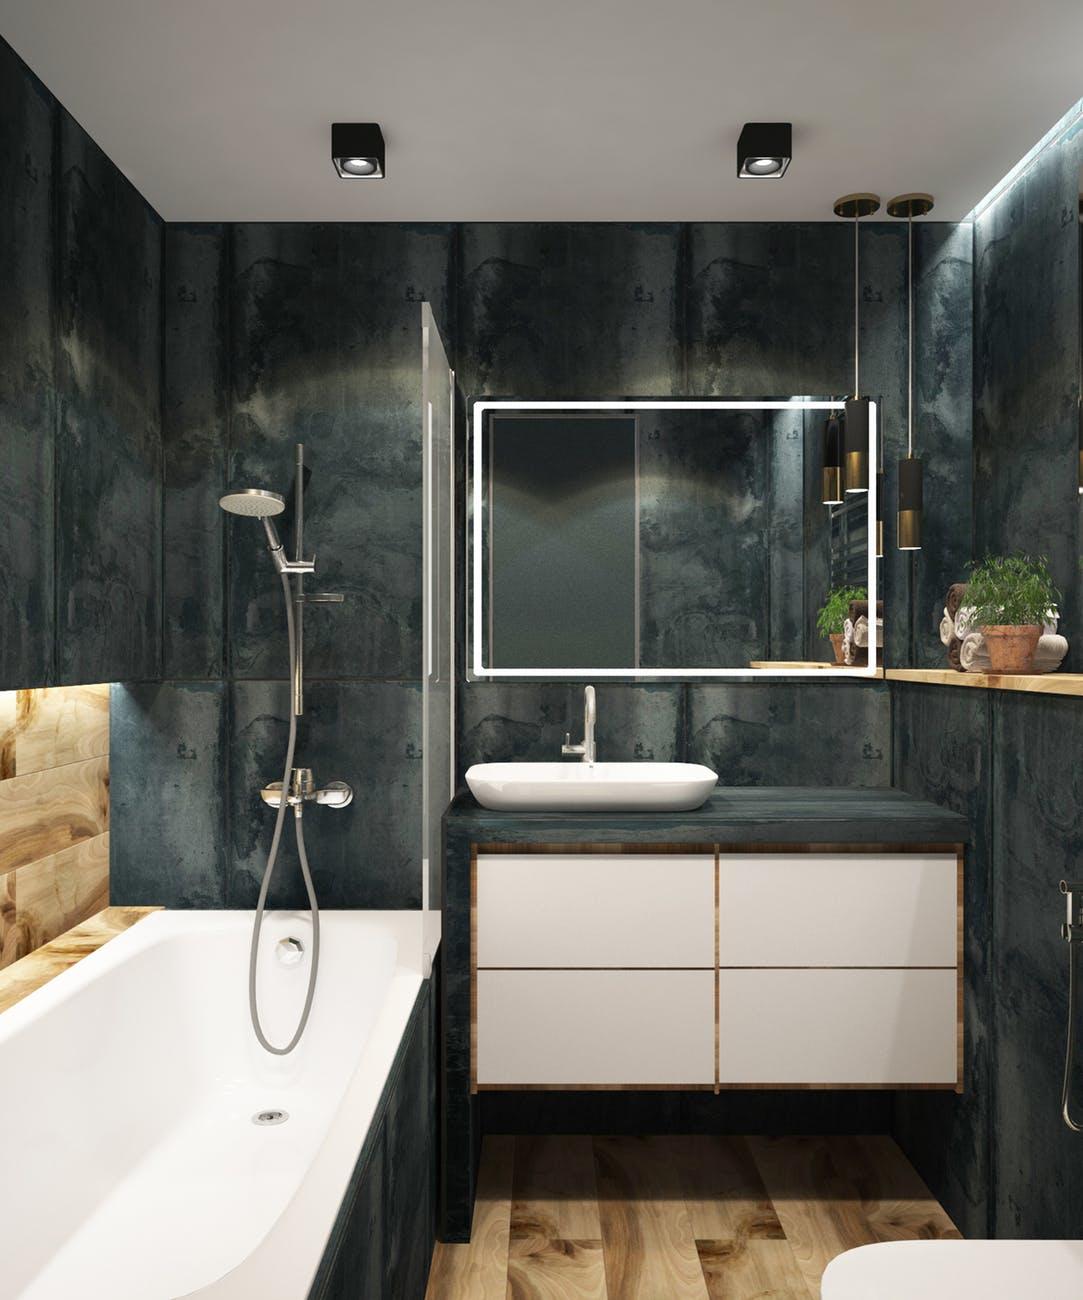 bathroom minimalism